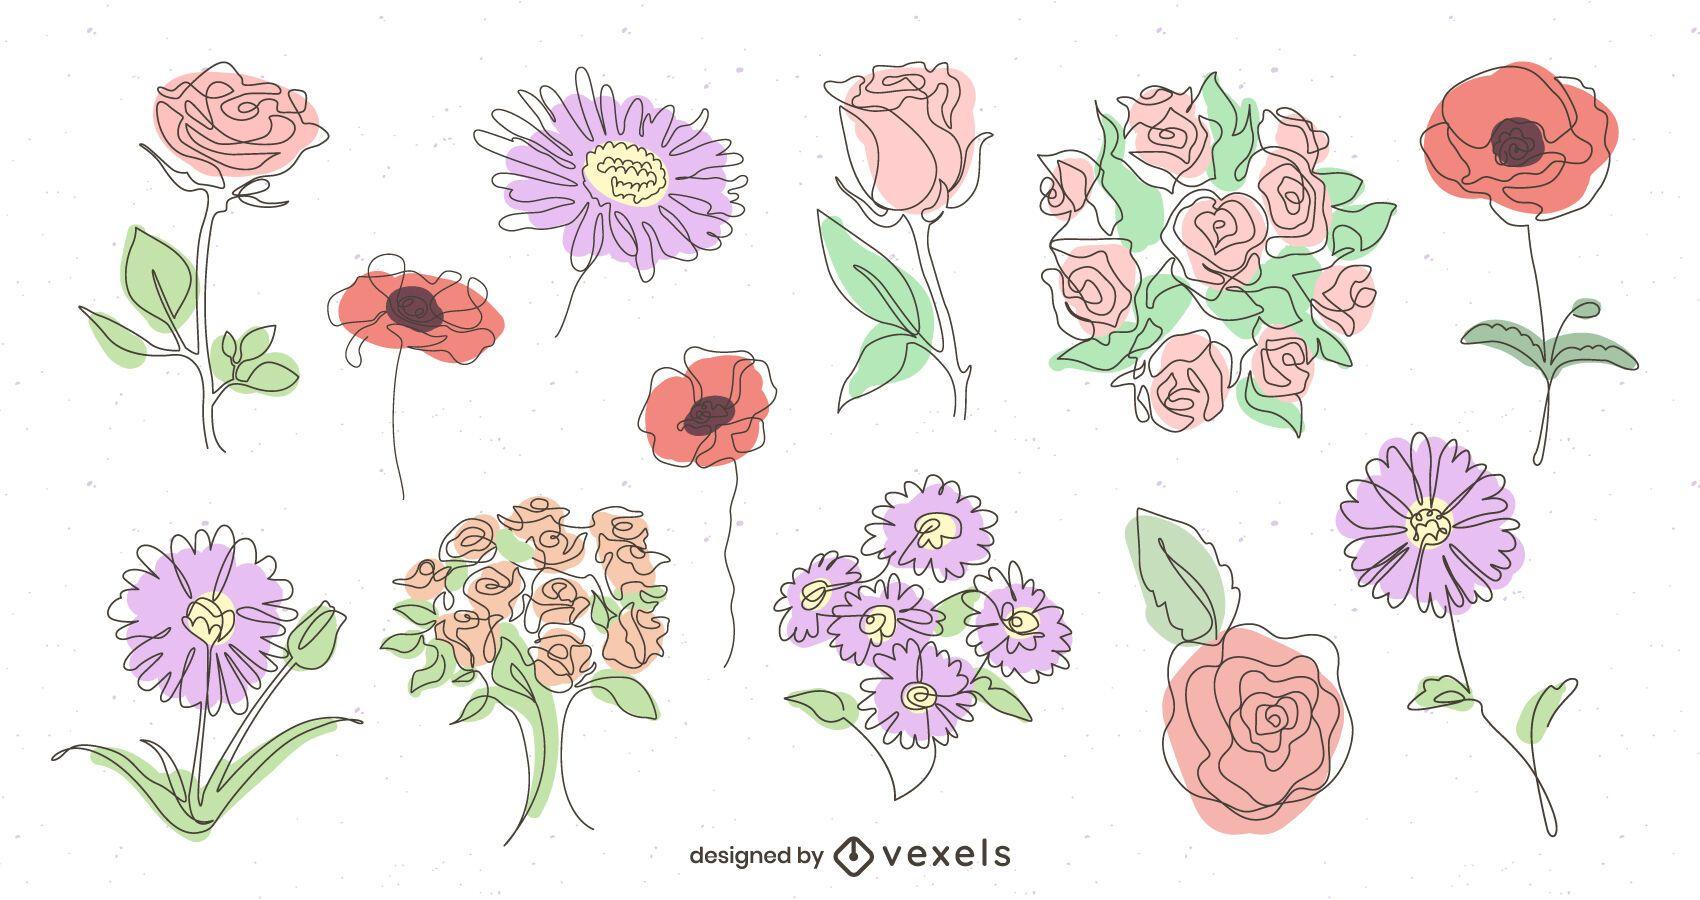 Floral Illustrated Design Pack